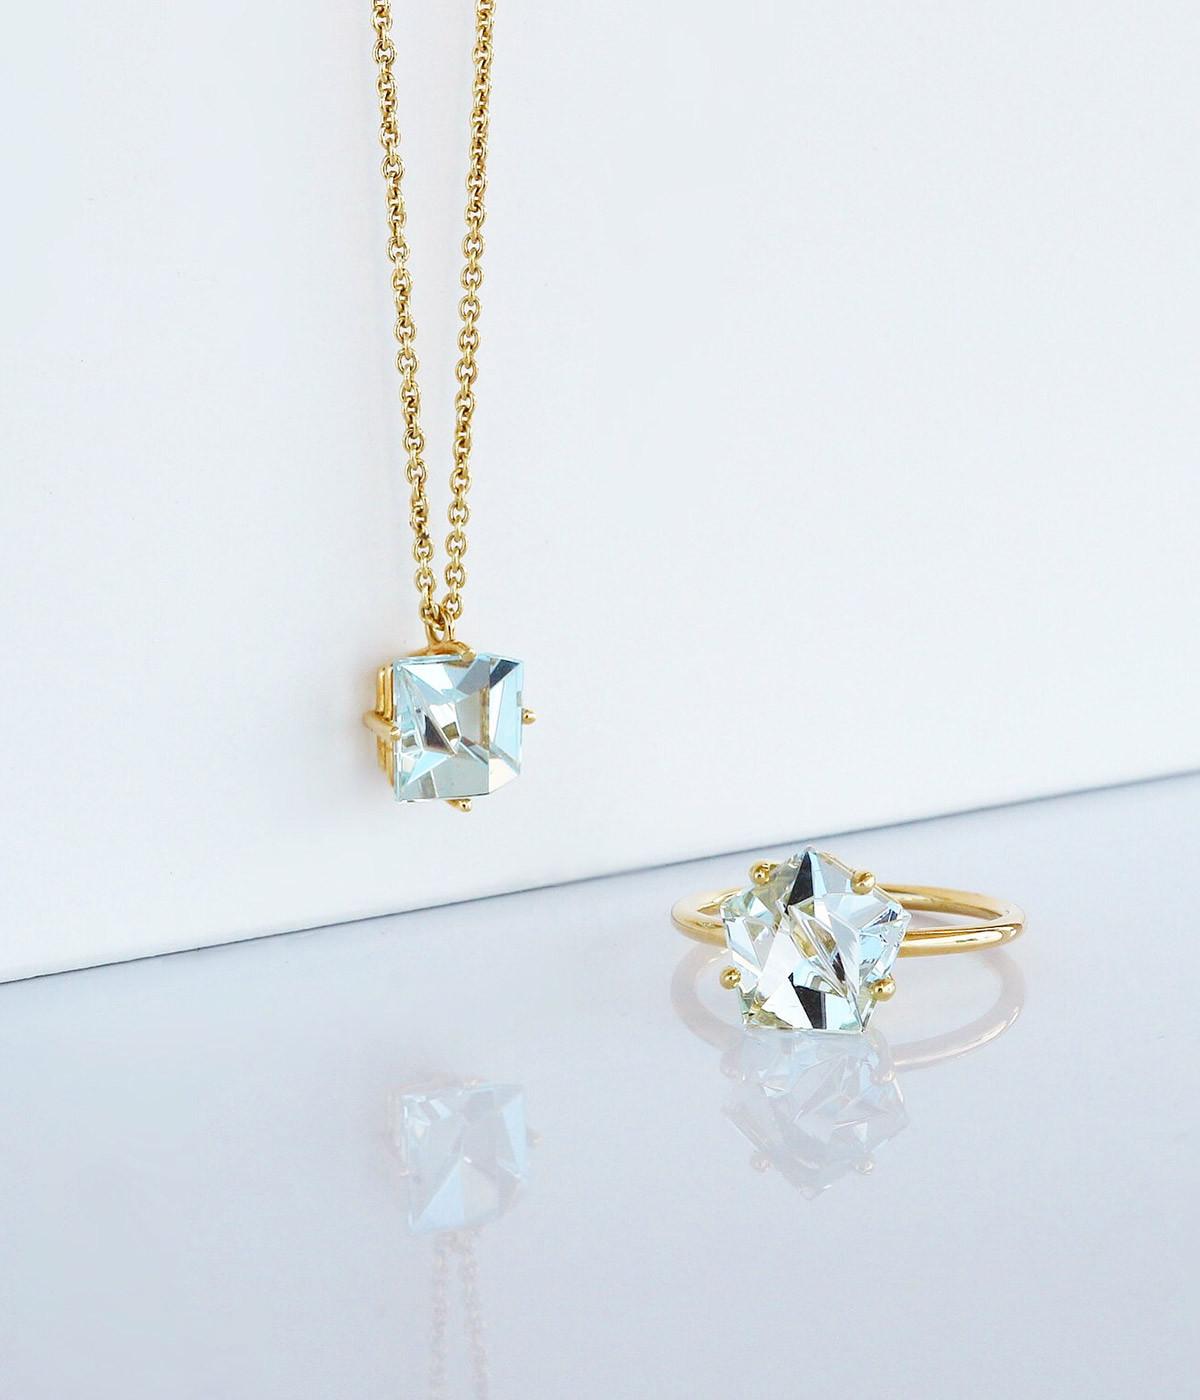 Gold pendant aquamarine